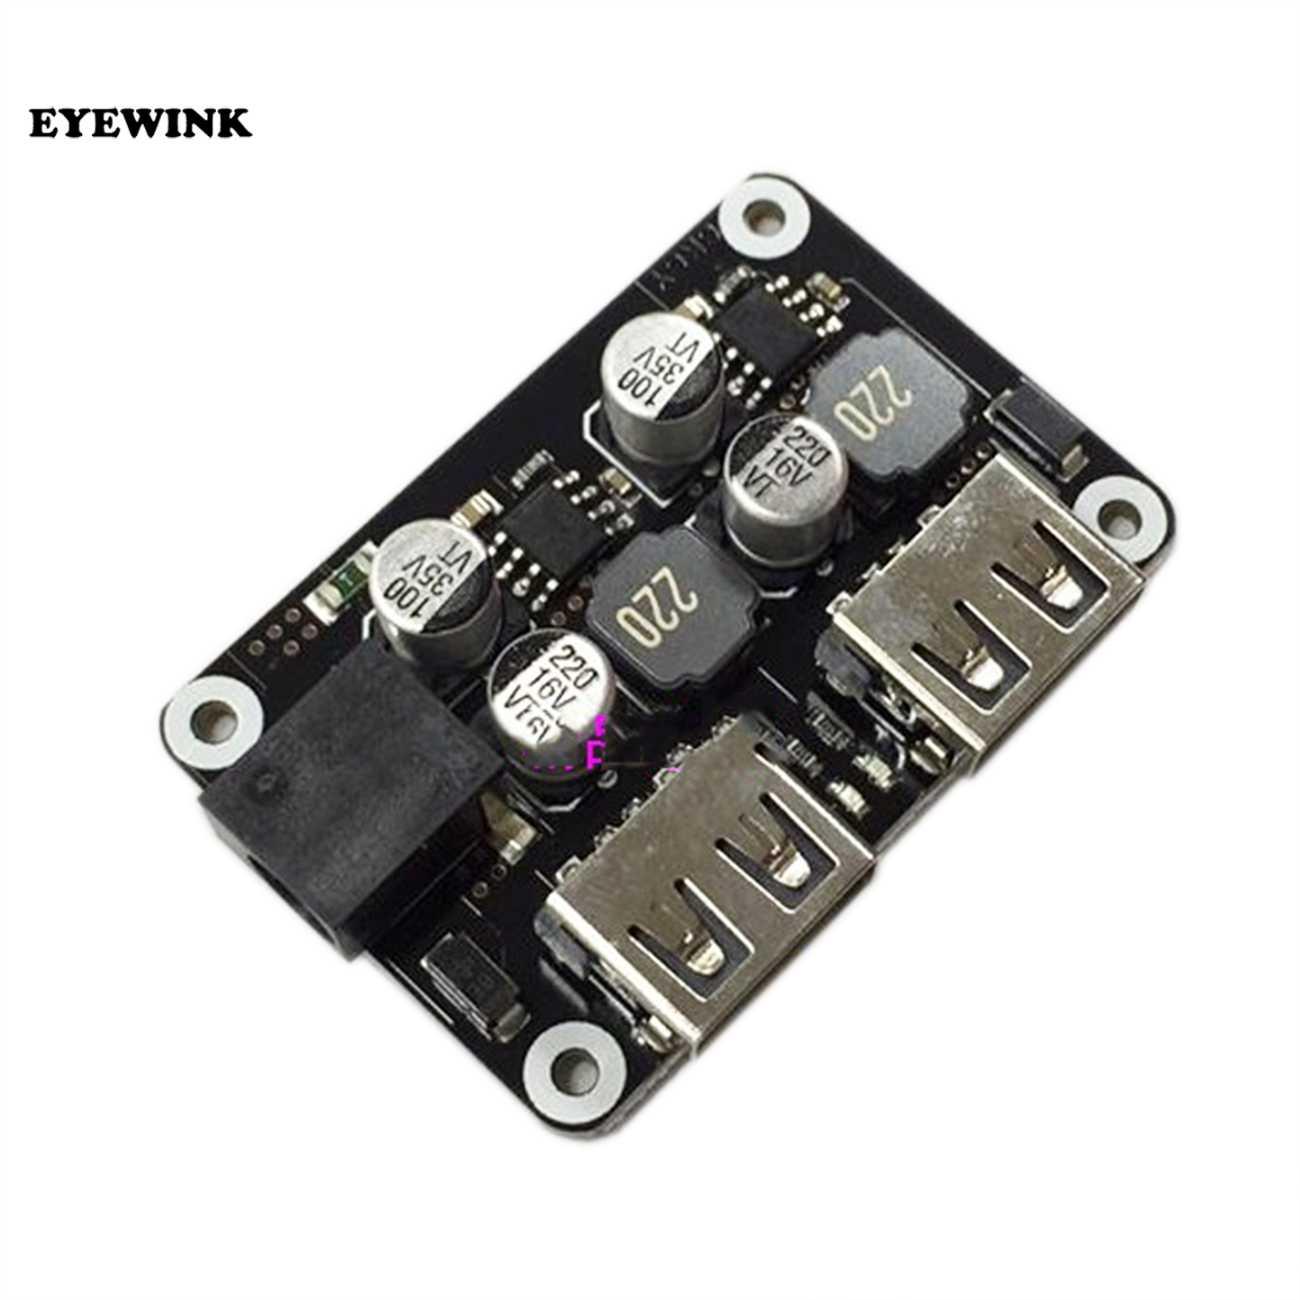 Double 2 Double USB chargeur rapide Buck Module entrée 6 V-30 V simple Port 24W Support QC2.0 QC3.0 QC 2.0 3.0 voiture véhicule conseil